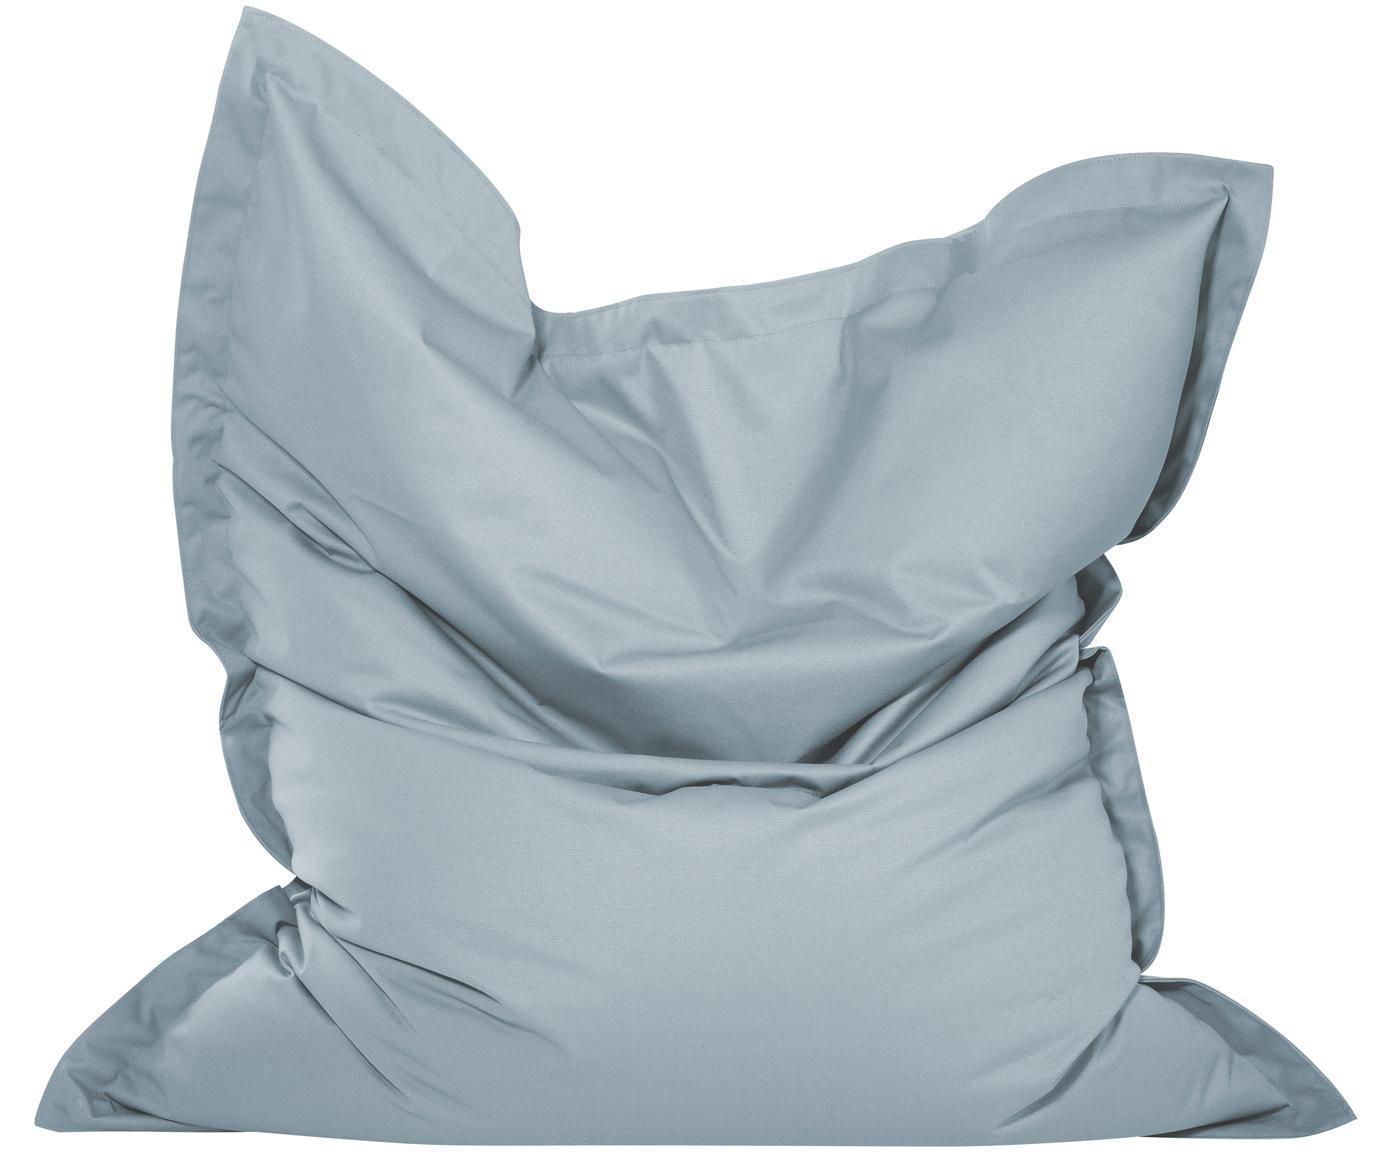 Duży worek do siedzenia Meadow, Tapicerka: poliester powlekany poliu, Szary kamienny, S 130 x W 160 cm